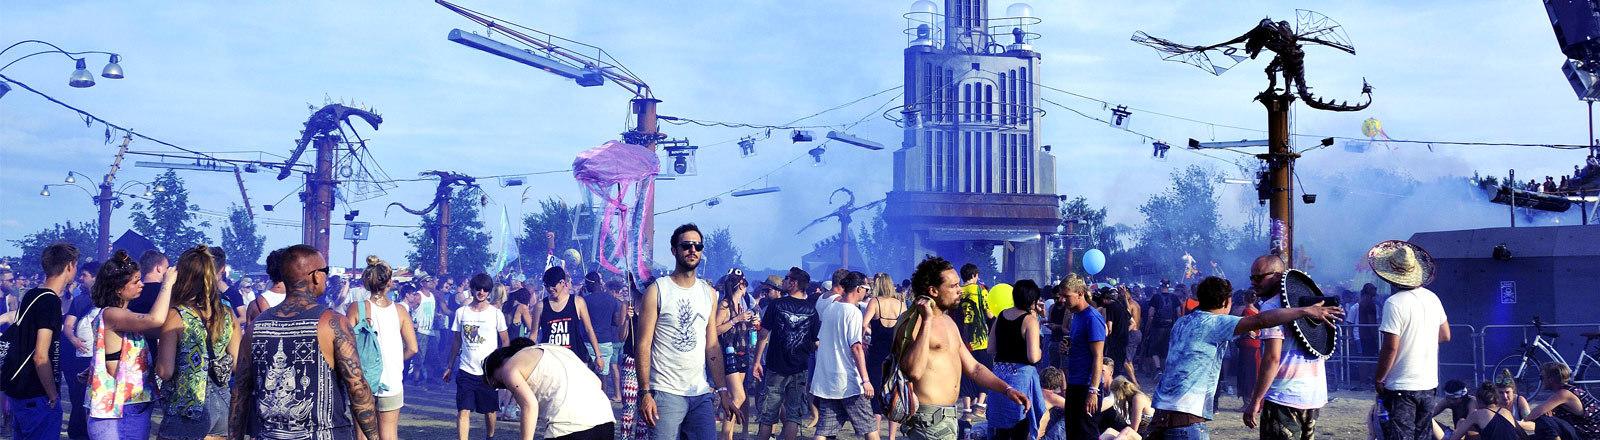 Feiernde beim Fusion-Festival 2016